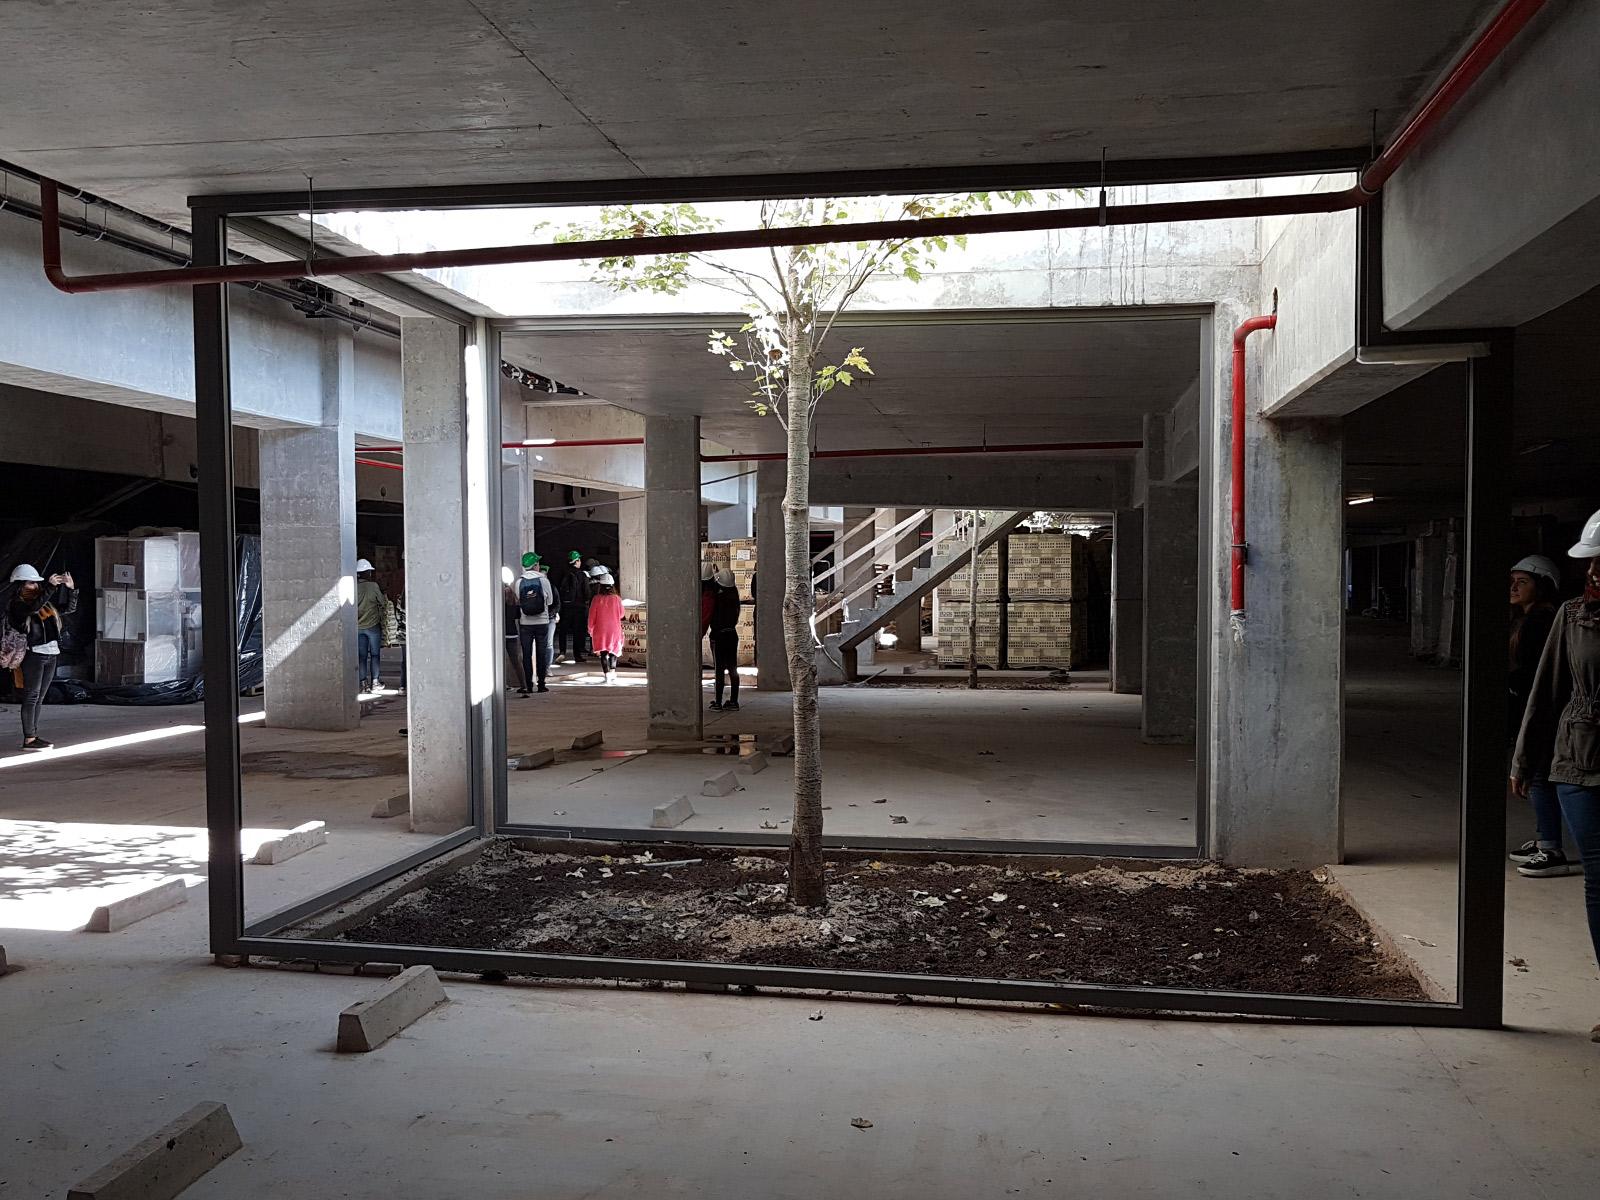 Recorrido Condos Refinería Estudiantes Arquitectura